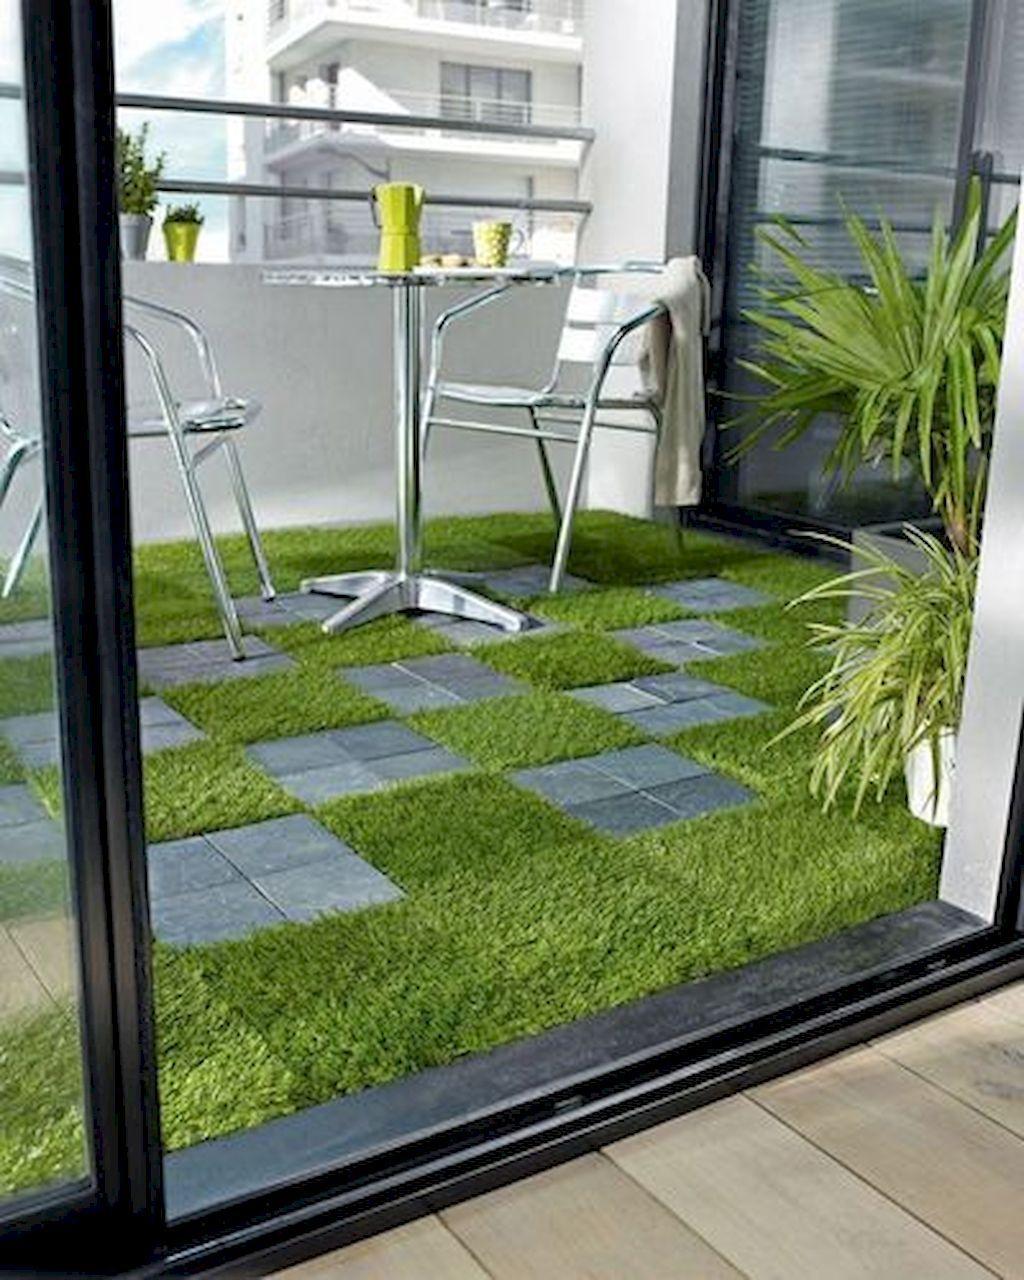 Adorable 35 diy small apartment balcony garden ideas https